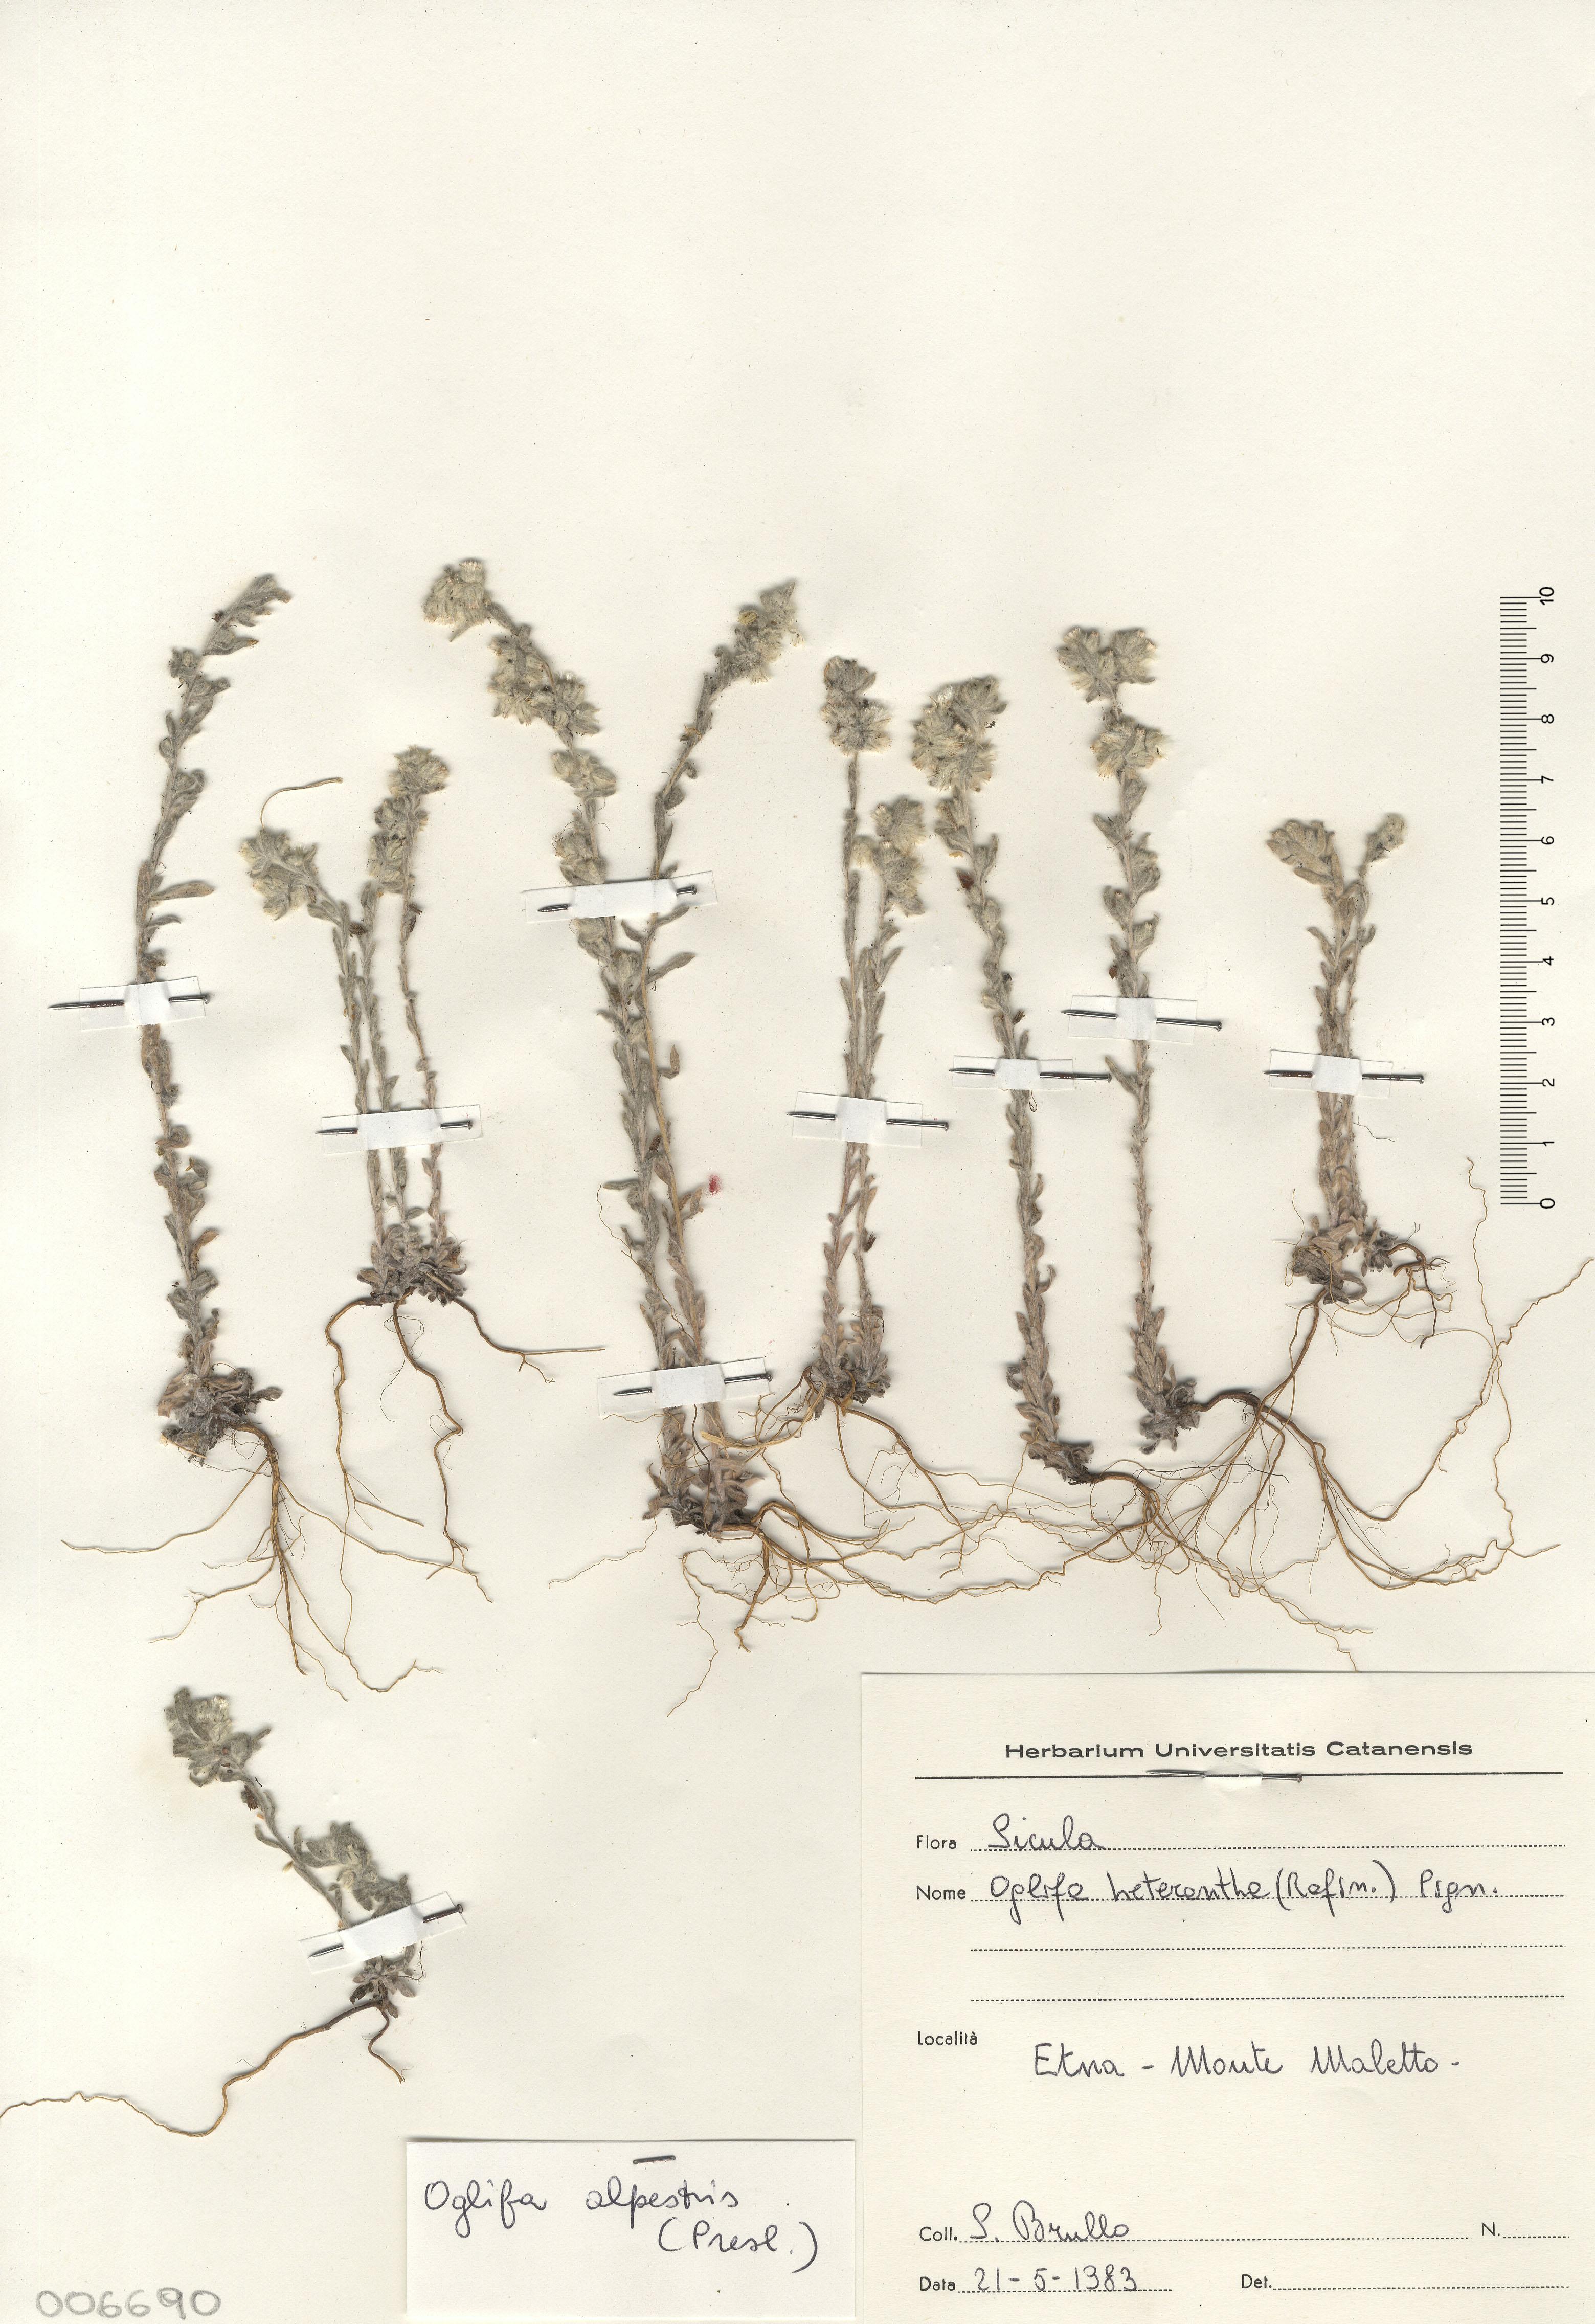 © Hortus Botanicus Catinensis - Herb. sheet 006690<br>